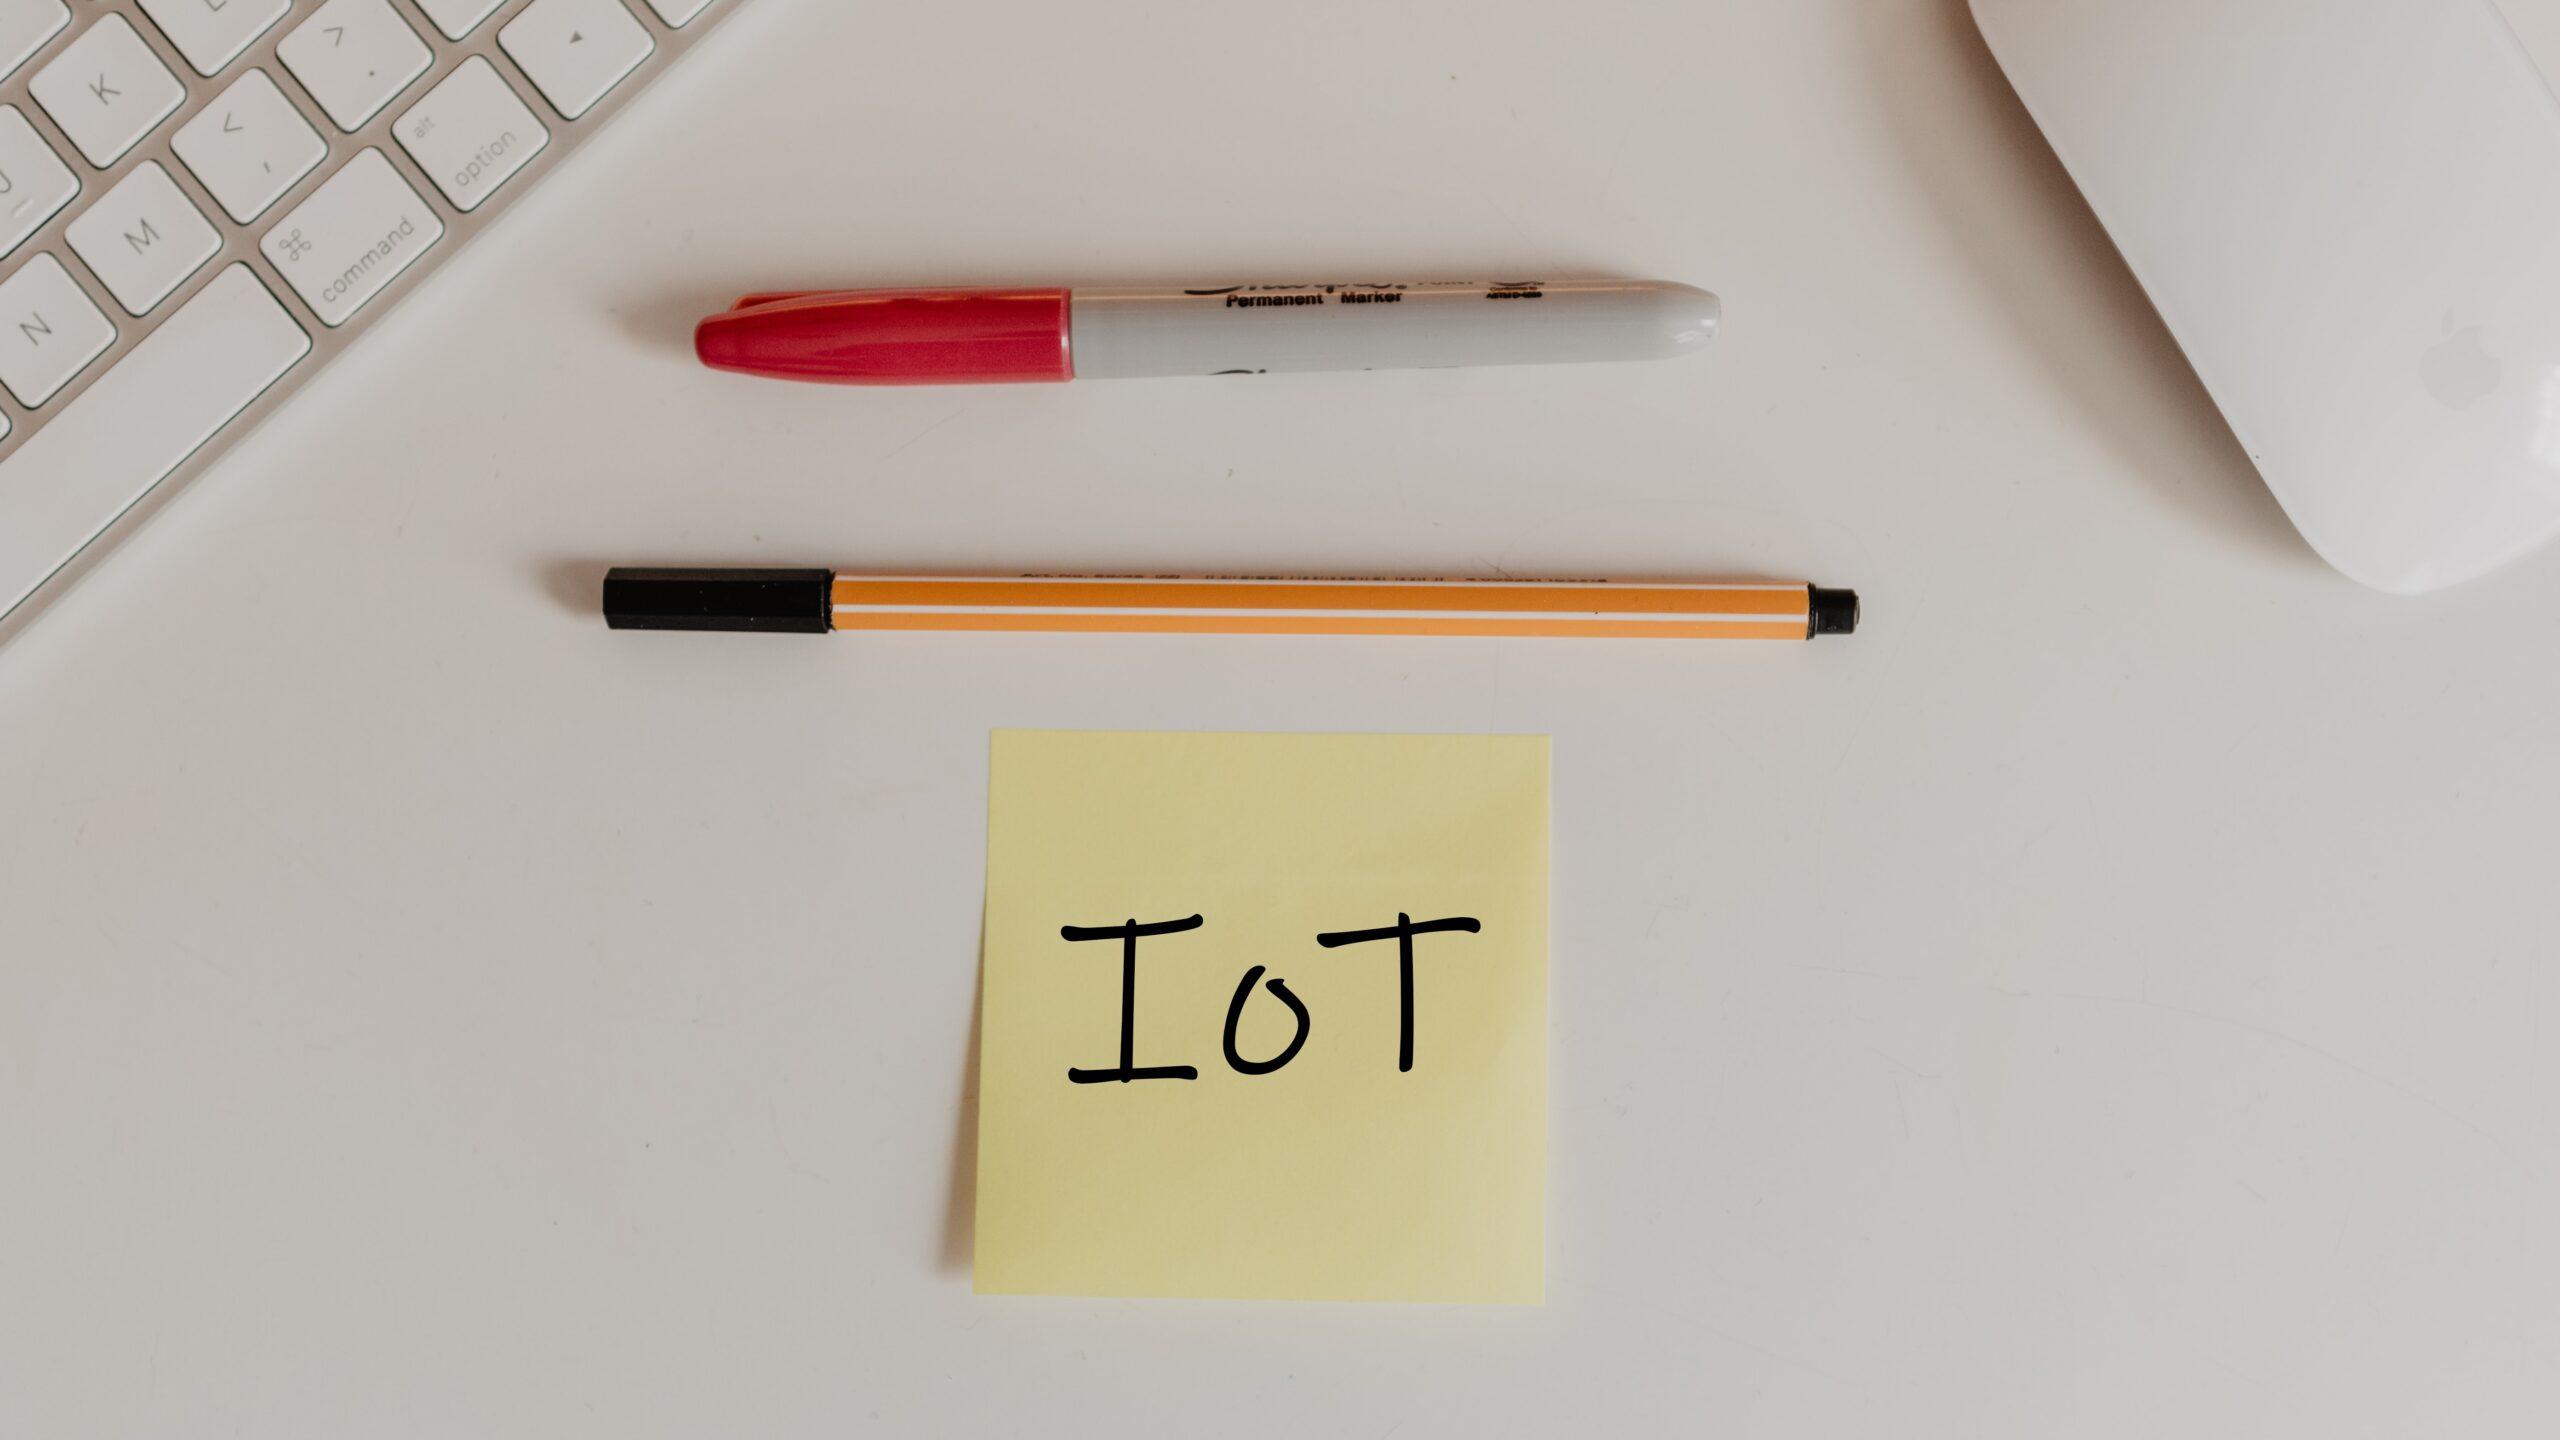 Dit zijn de 8 meest voorkomende IoT begrippen die je moet weten | Pushing the limits of communication technology | MCS